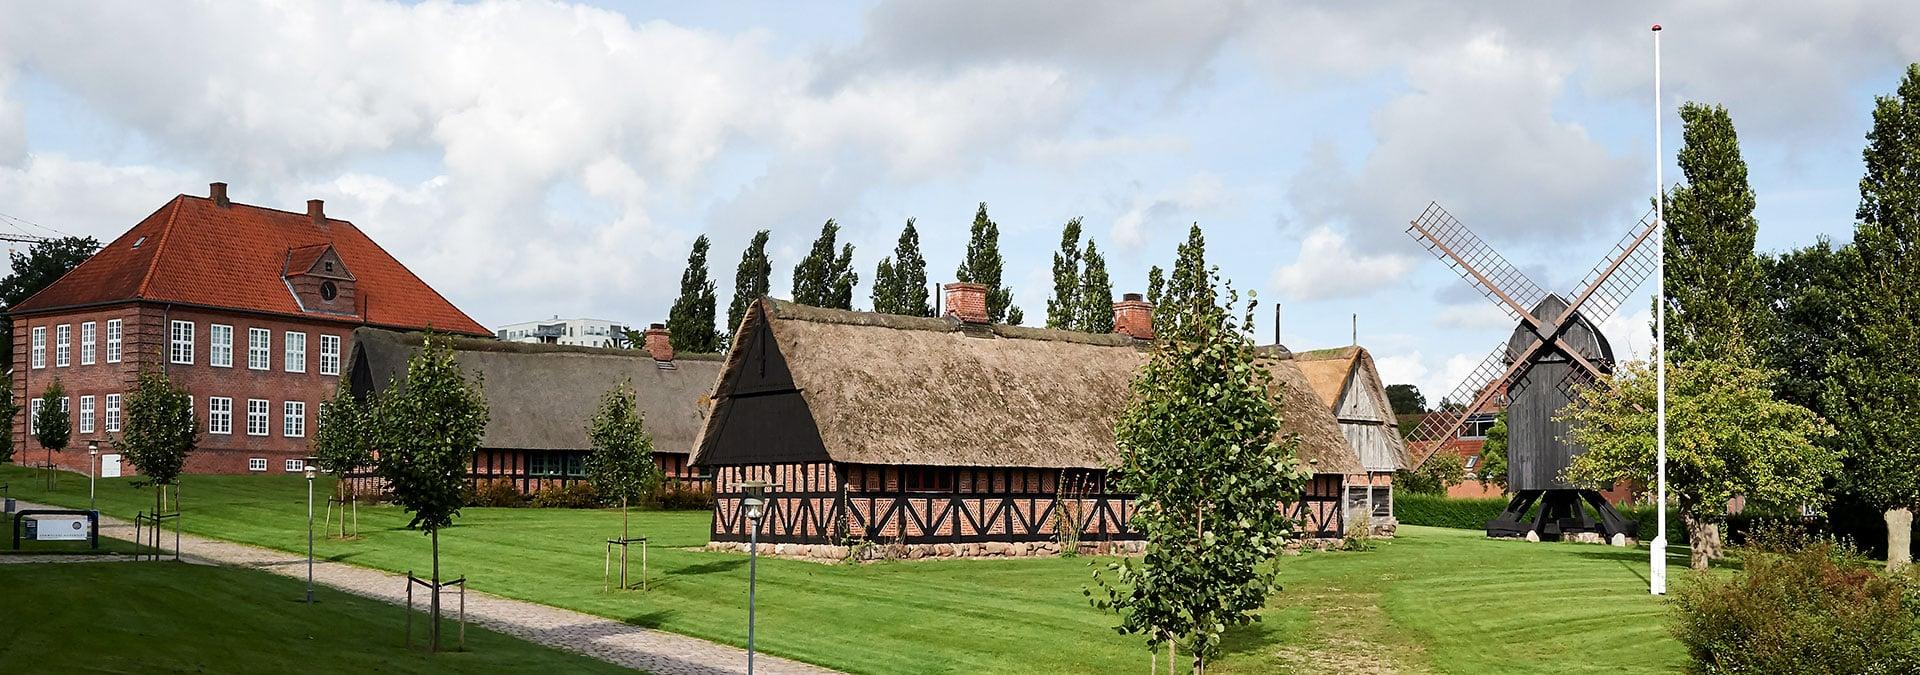 VANDRING: Oldtiden omkring Hjordkær